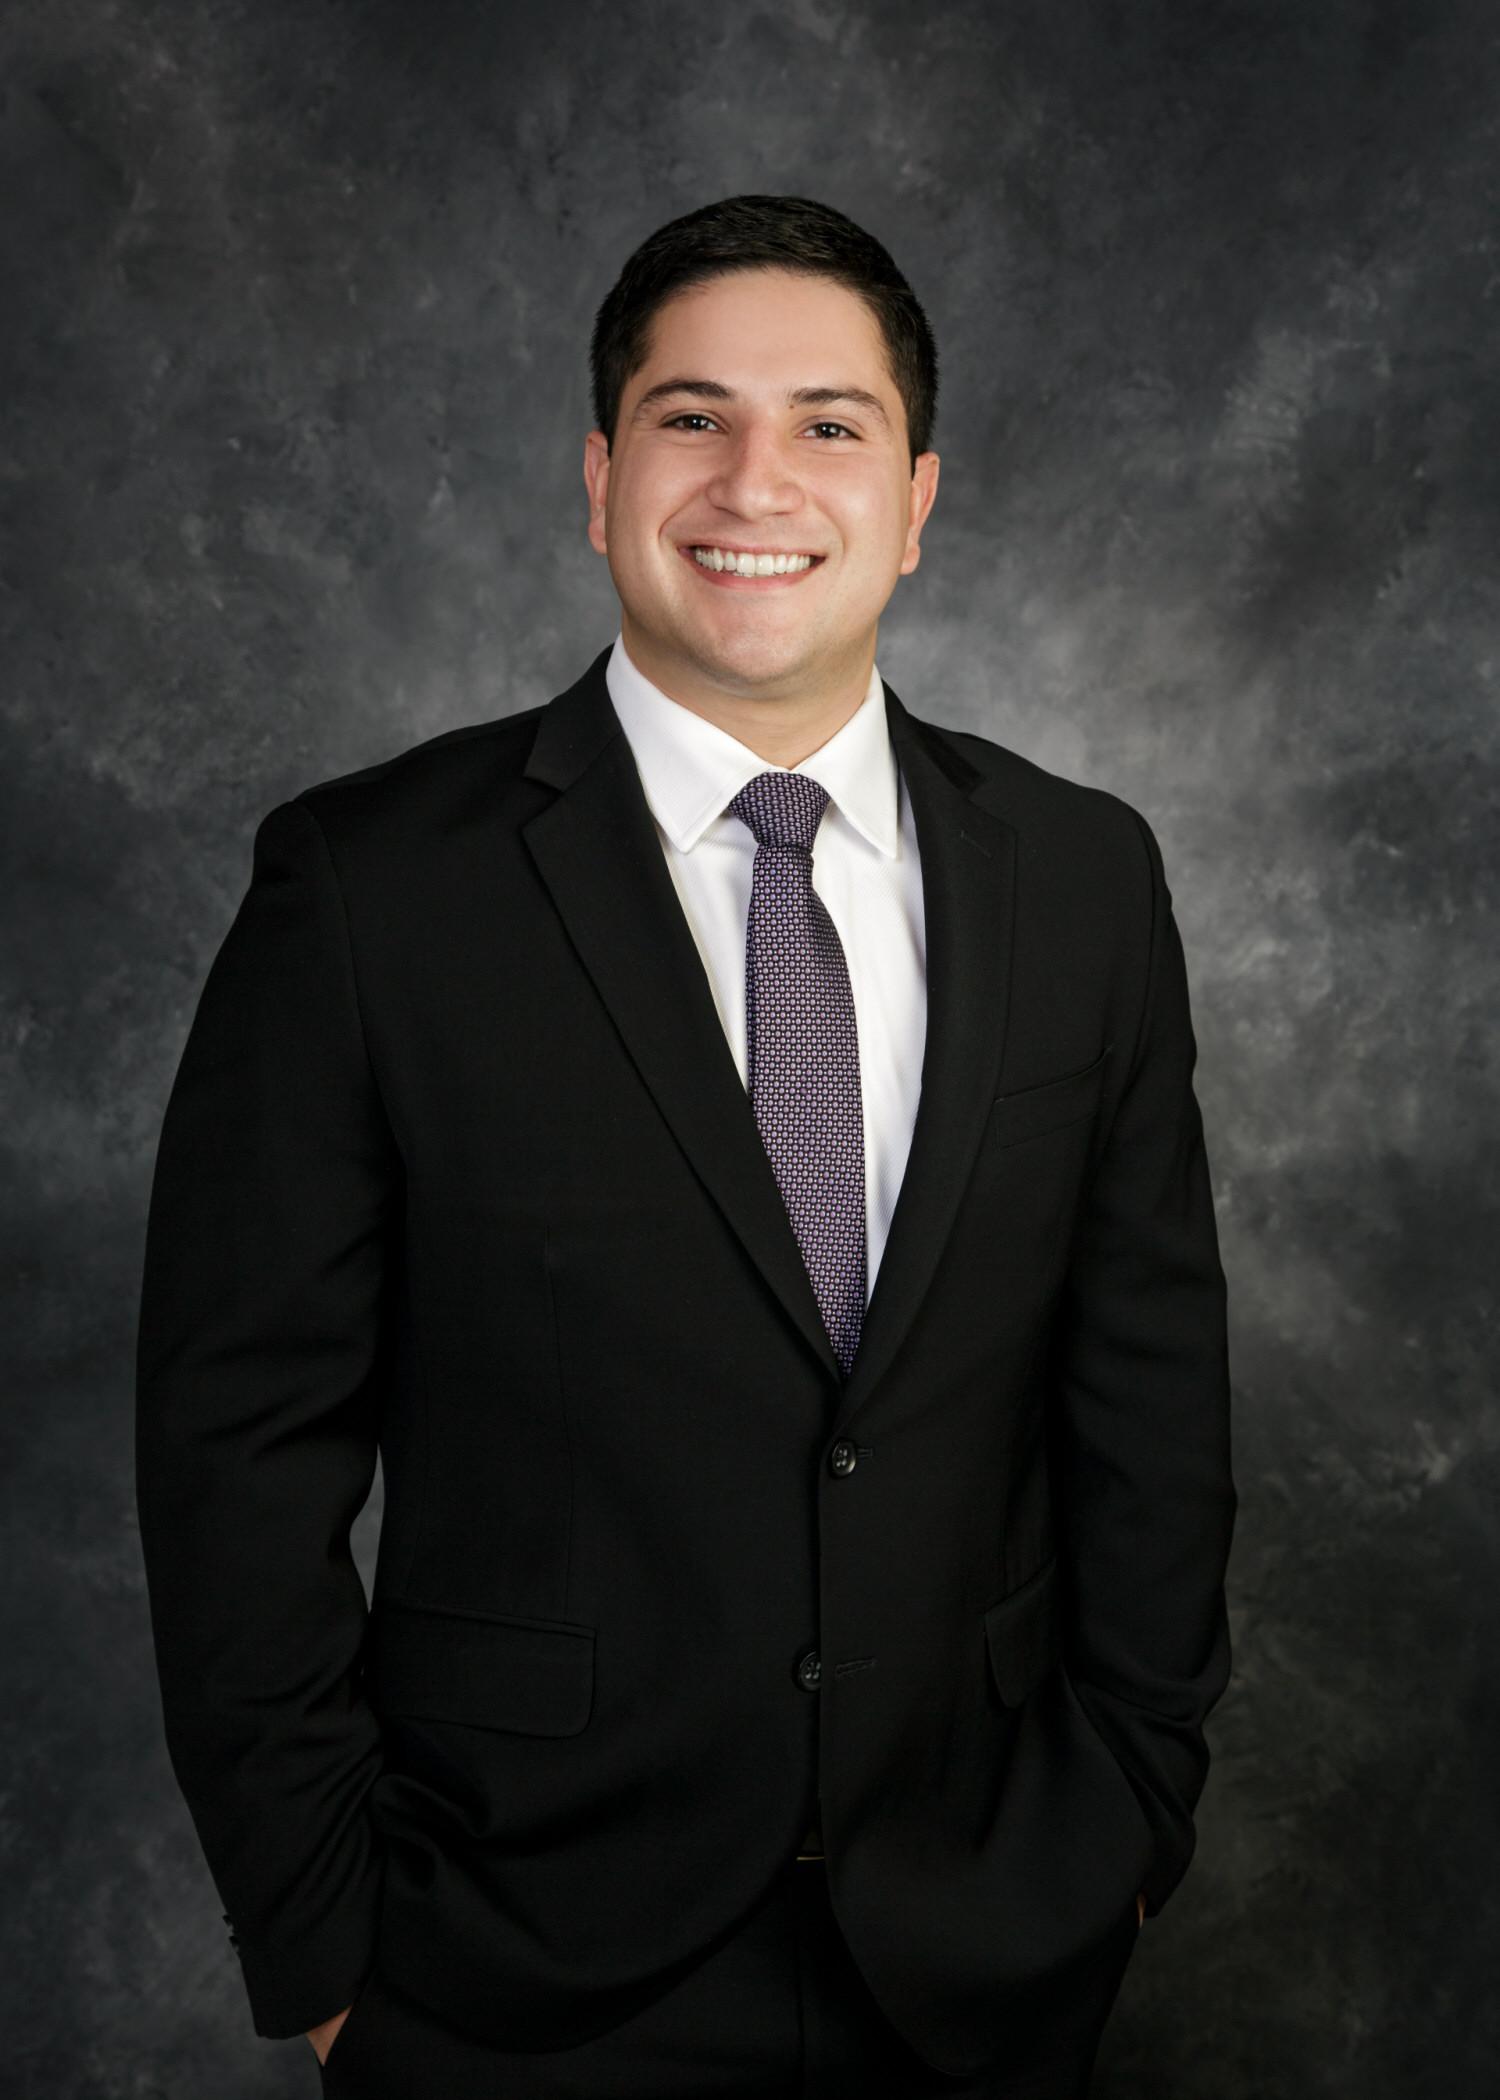 Jose A. Figueroa Jr., Esq.